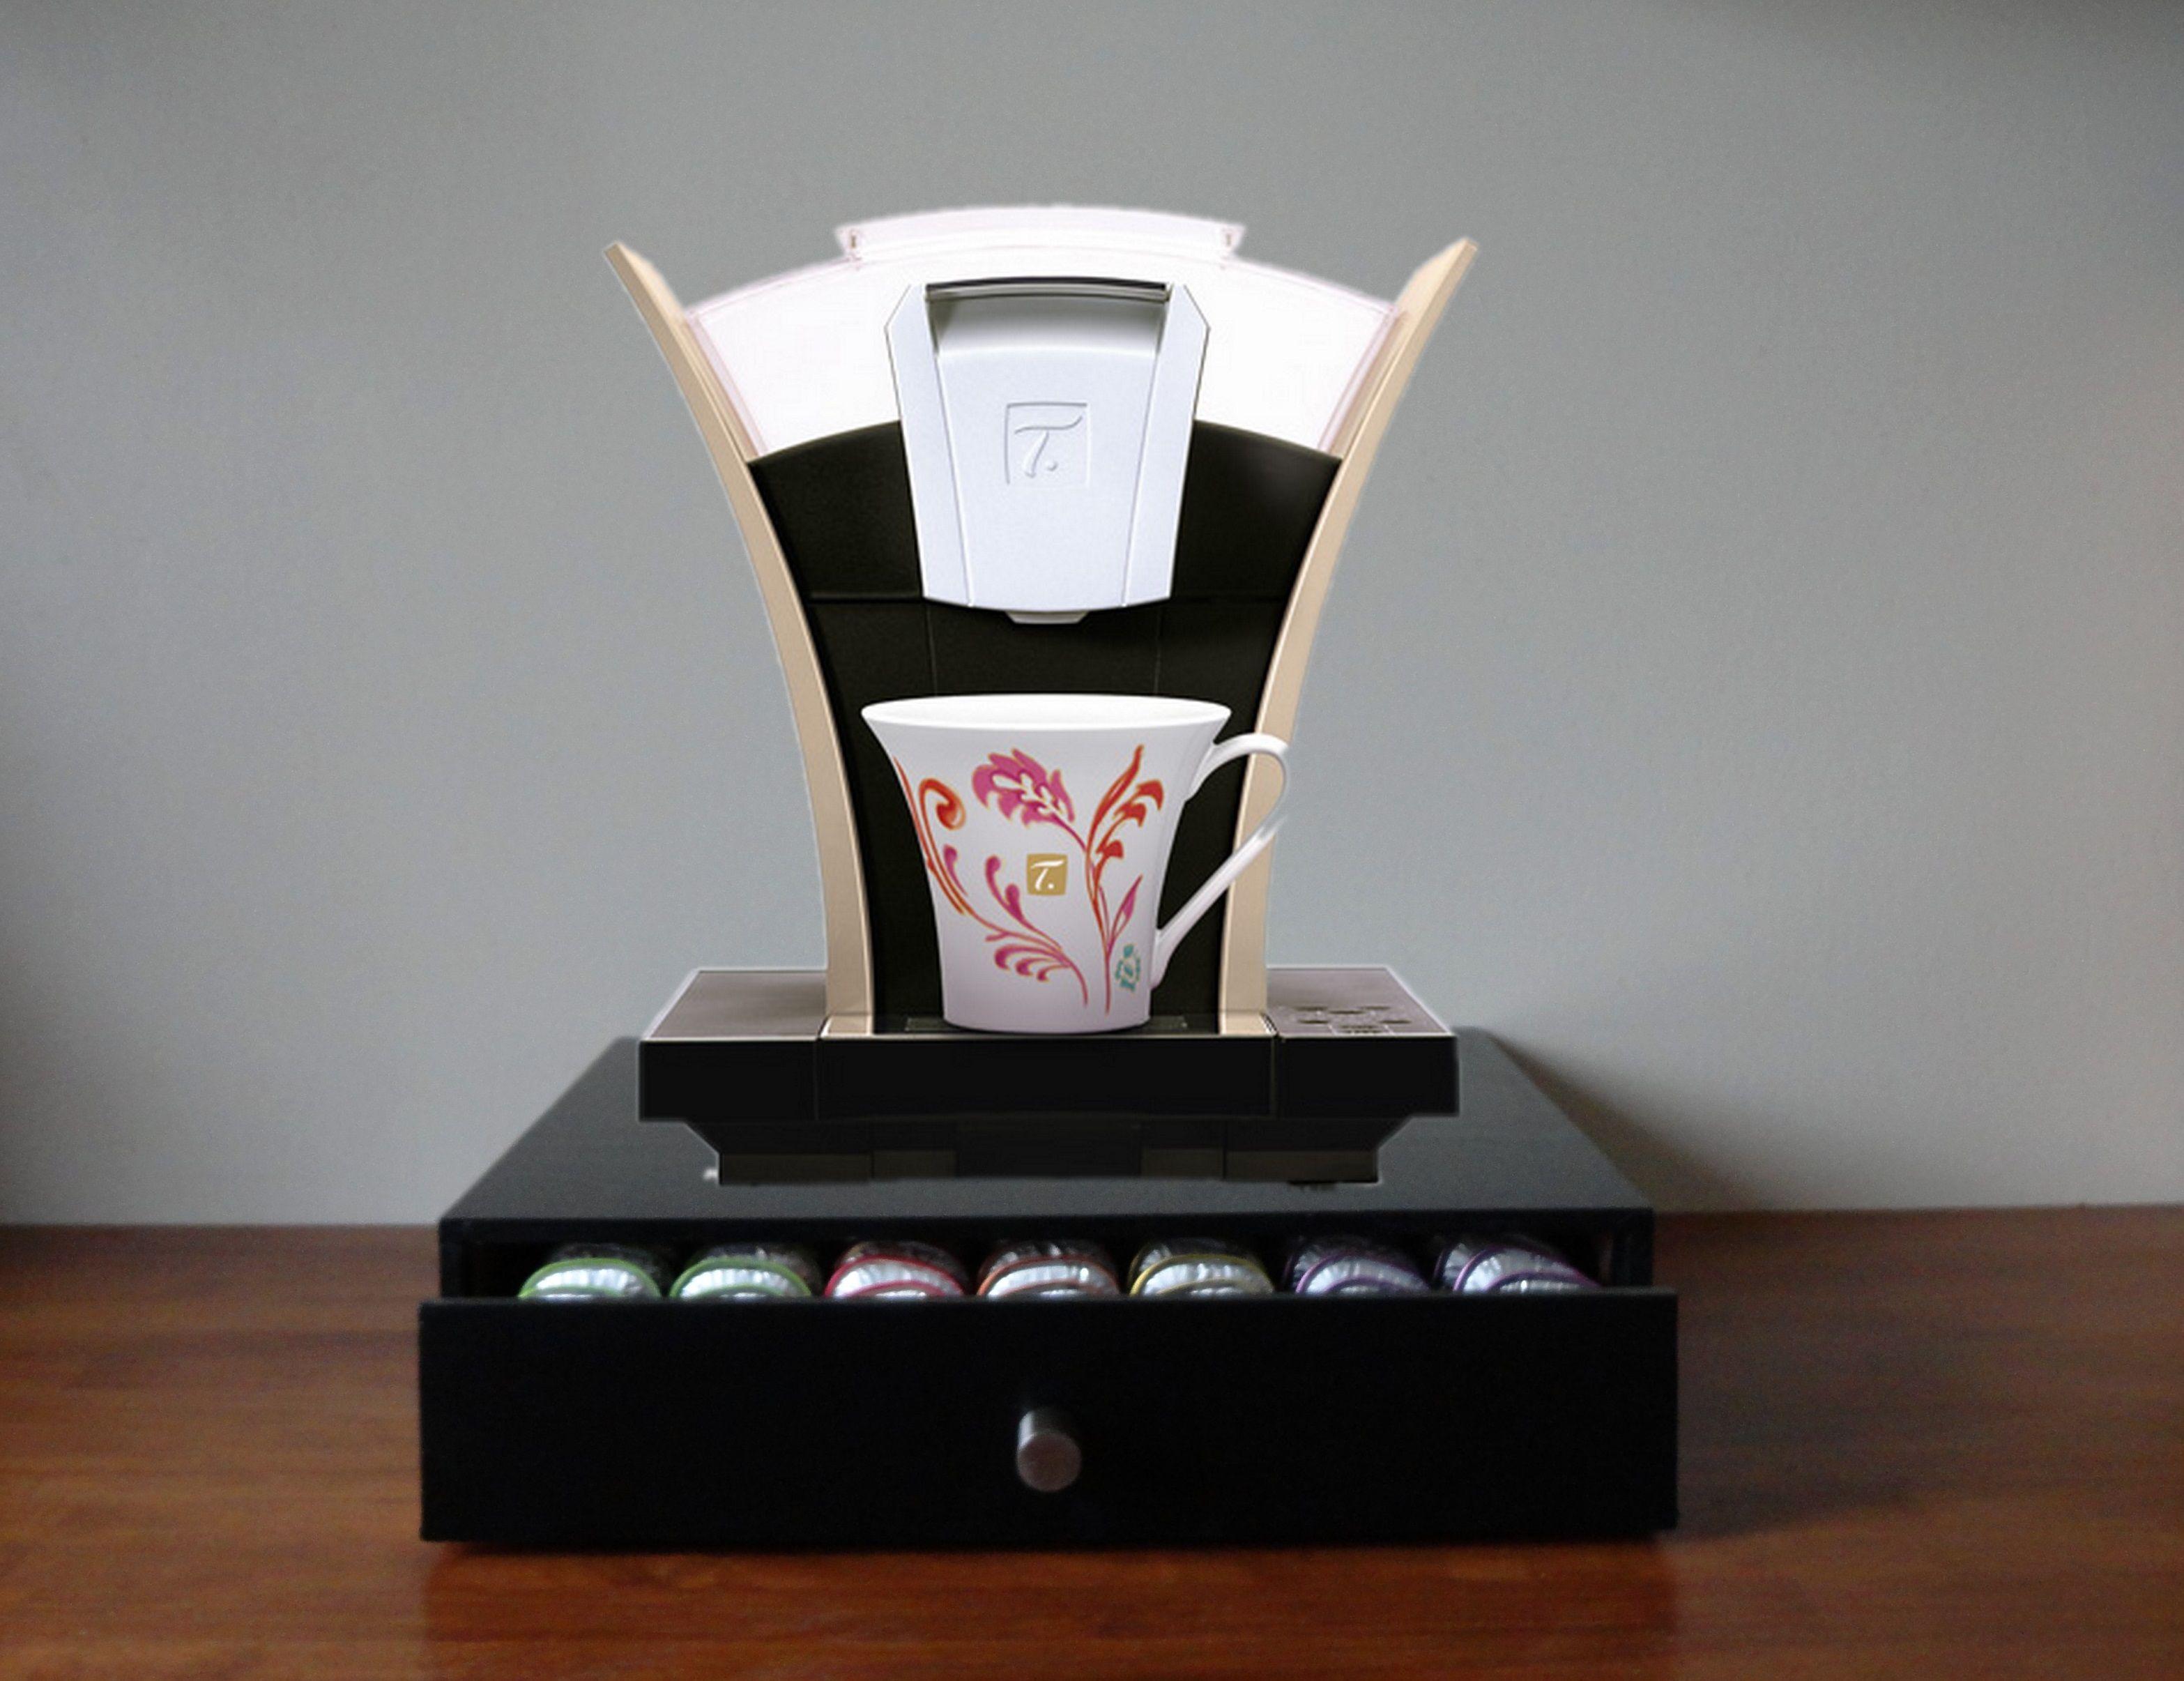 tiroir pour capsules sp cial t les ditributeurs pour capsules sp cial t pinterest tiroir. Black Bedroom Furniture Sets. Home Design Ideas